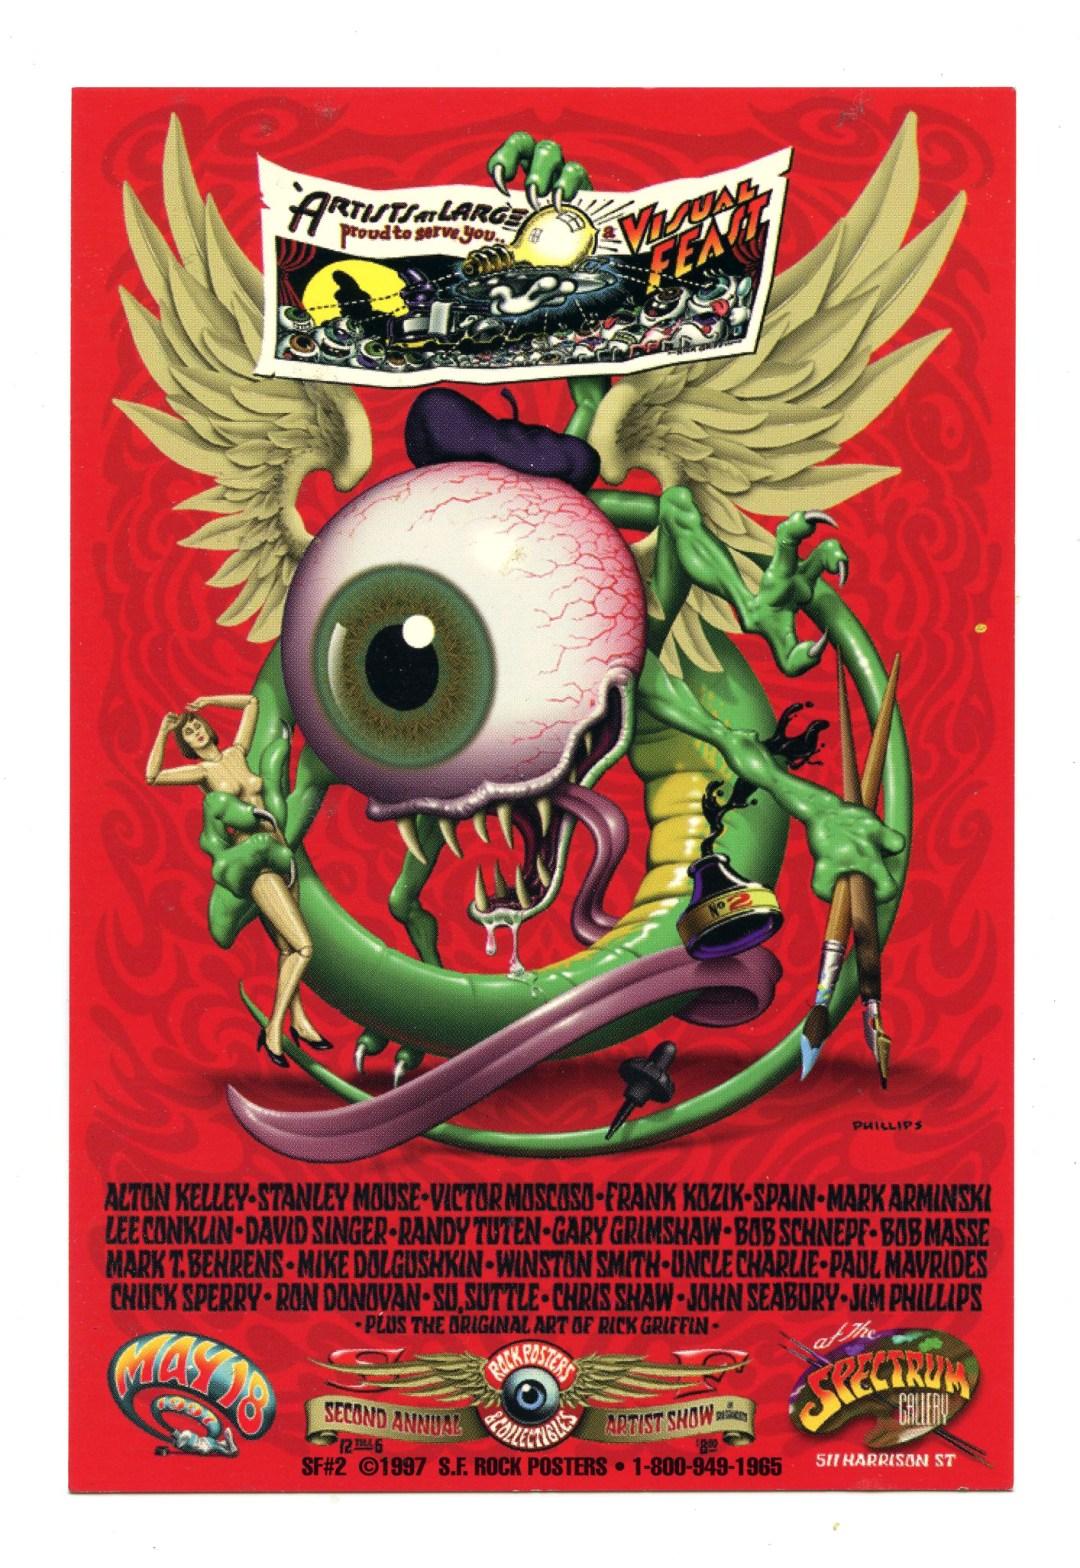 Alton Kelley Handbill Flying Eyeball Second Annual Rock Poster Artist Show 1997